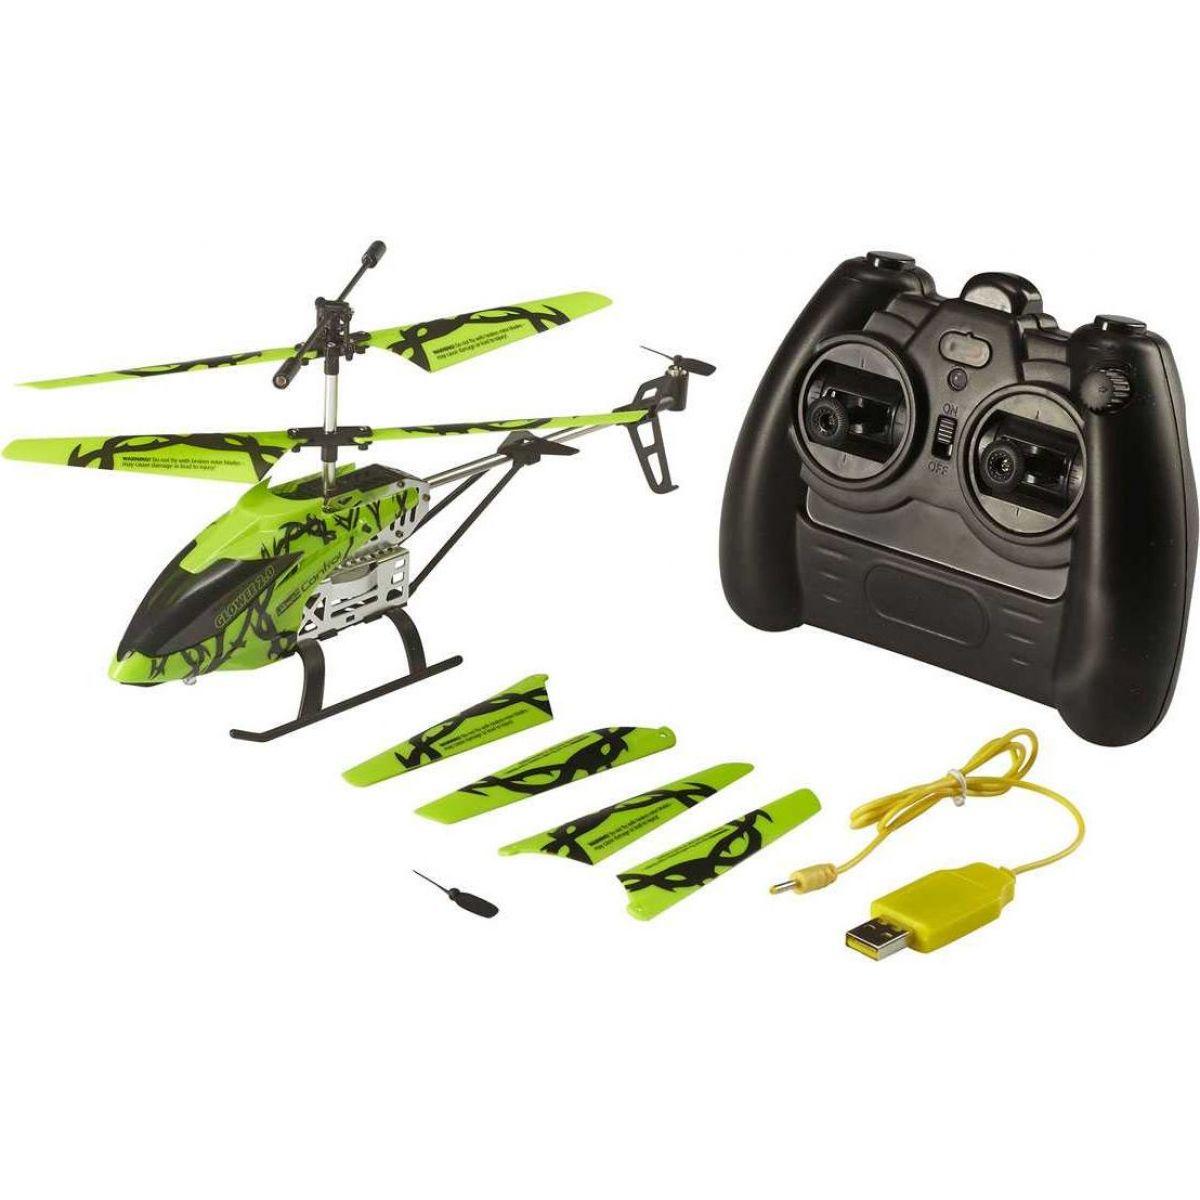 Revell Vrtulník Glowee 2.0